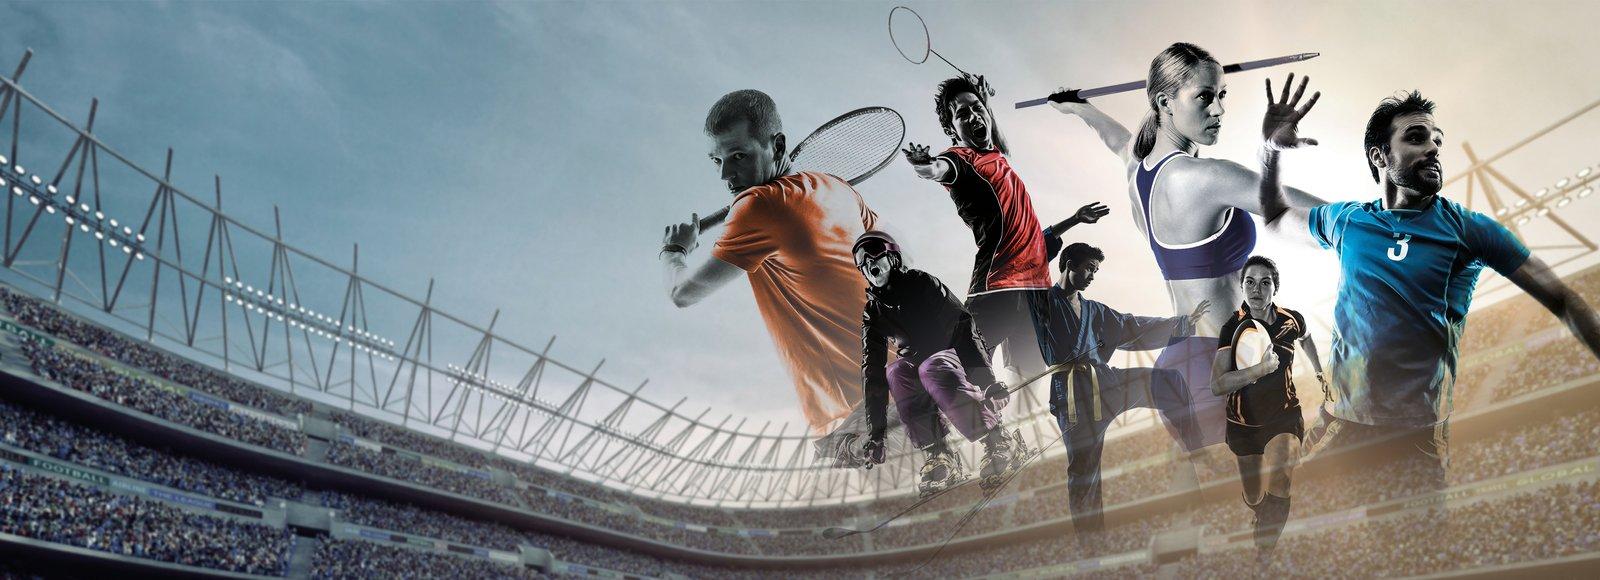 Percettori di compensi per attivit   sportive dilettantistiche  le soglie per essere considerati a carico